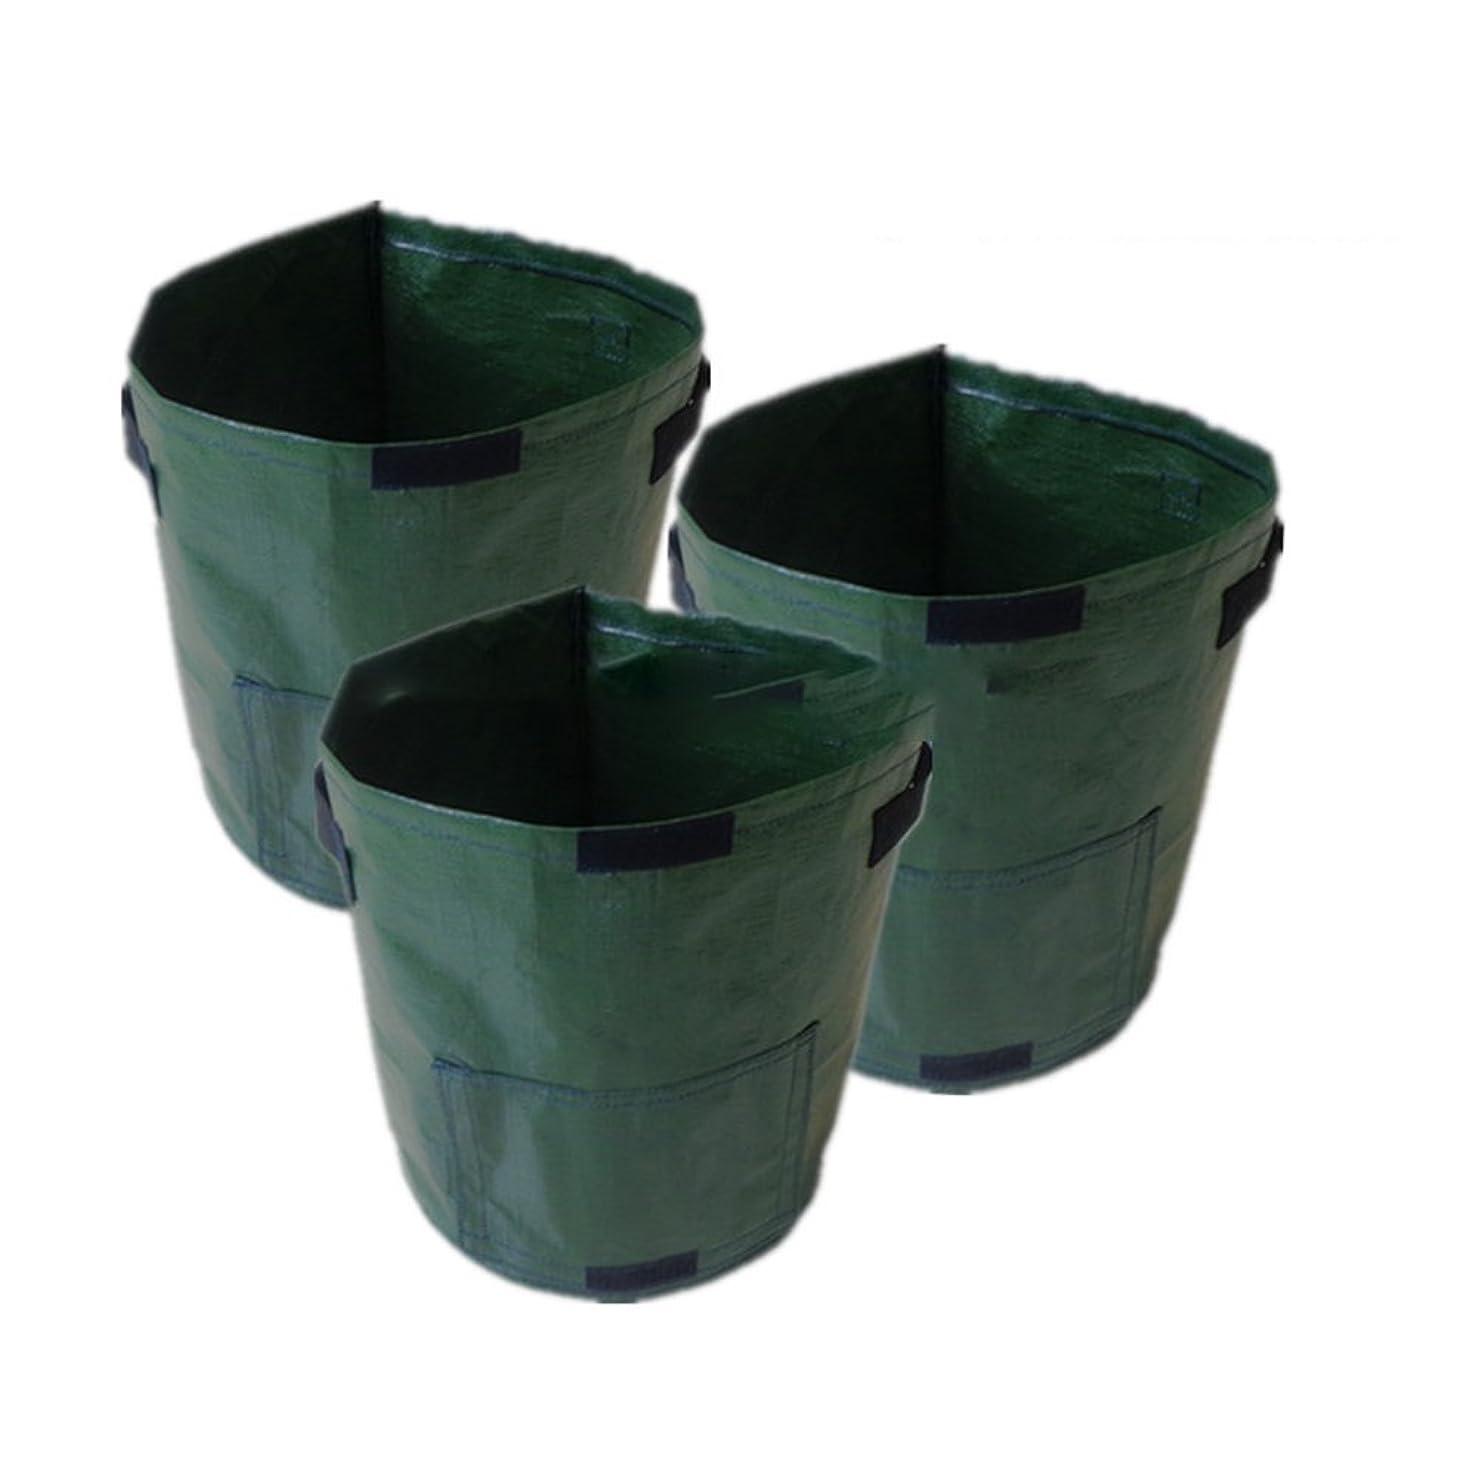 禁止する放出瞑想する自立式 ガーデンバケツ 再利用可能な折り畳み式草廃棄物バッグ、植物性植物、通気性および保湿性の生長バッグ 大容量